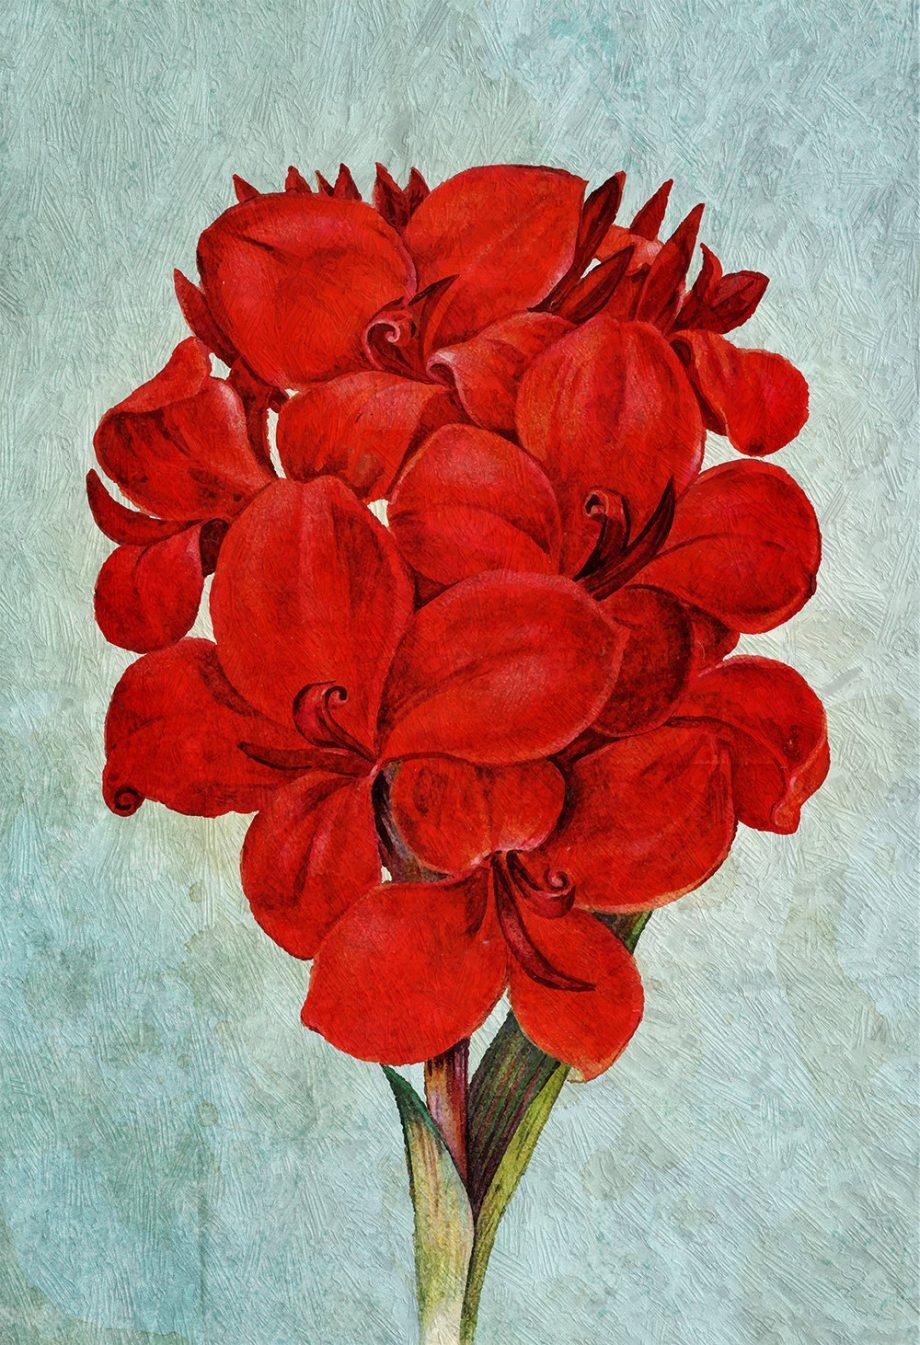 Amaryllis decor art Flower botanical Amaryllis print kitchen decor Floral Amaryllis print wall decor floral wall art - Large Giclee Canvas